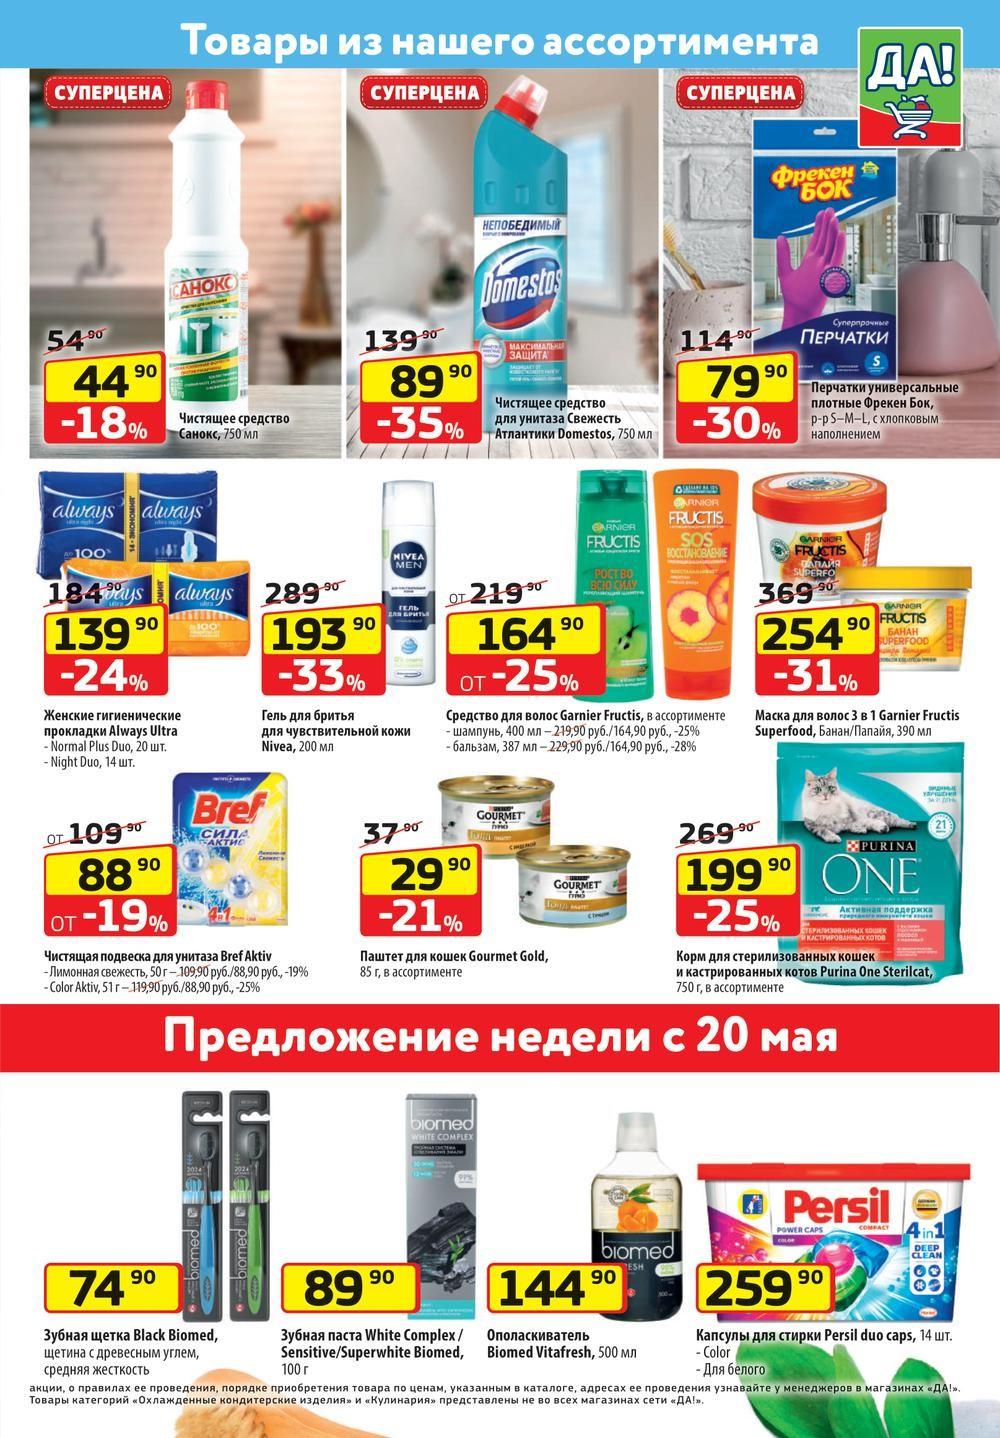 Новый каталог акций в Да! г. Воскресенск